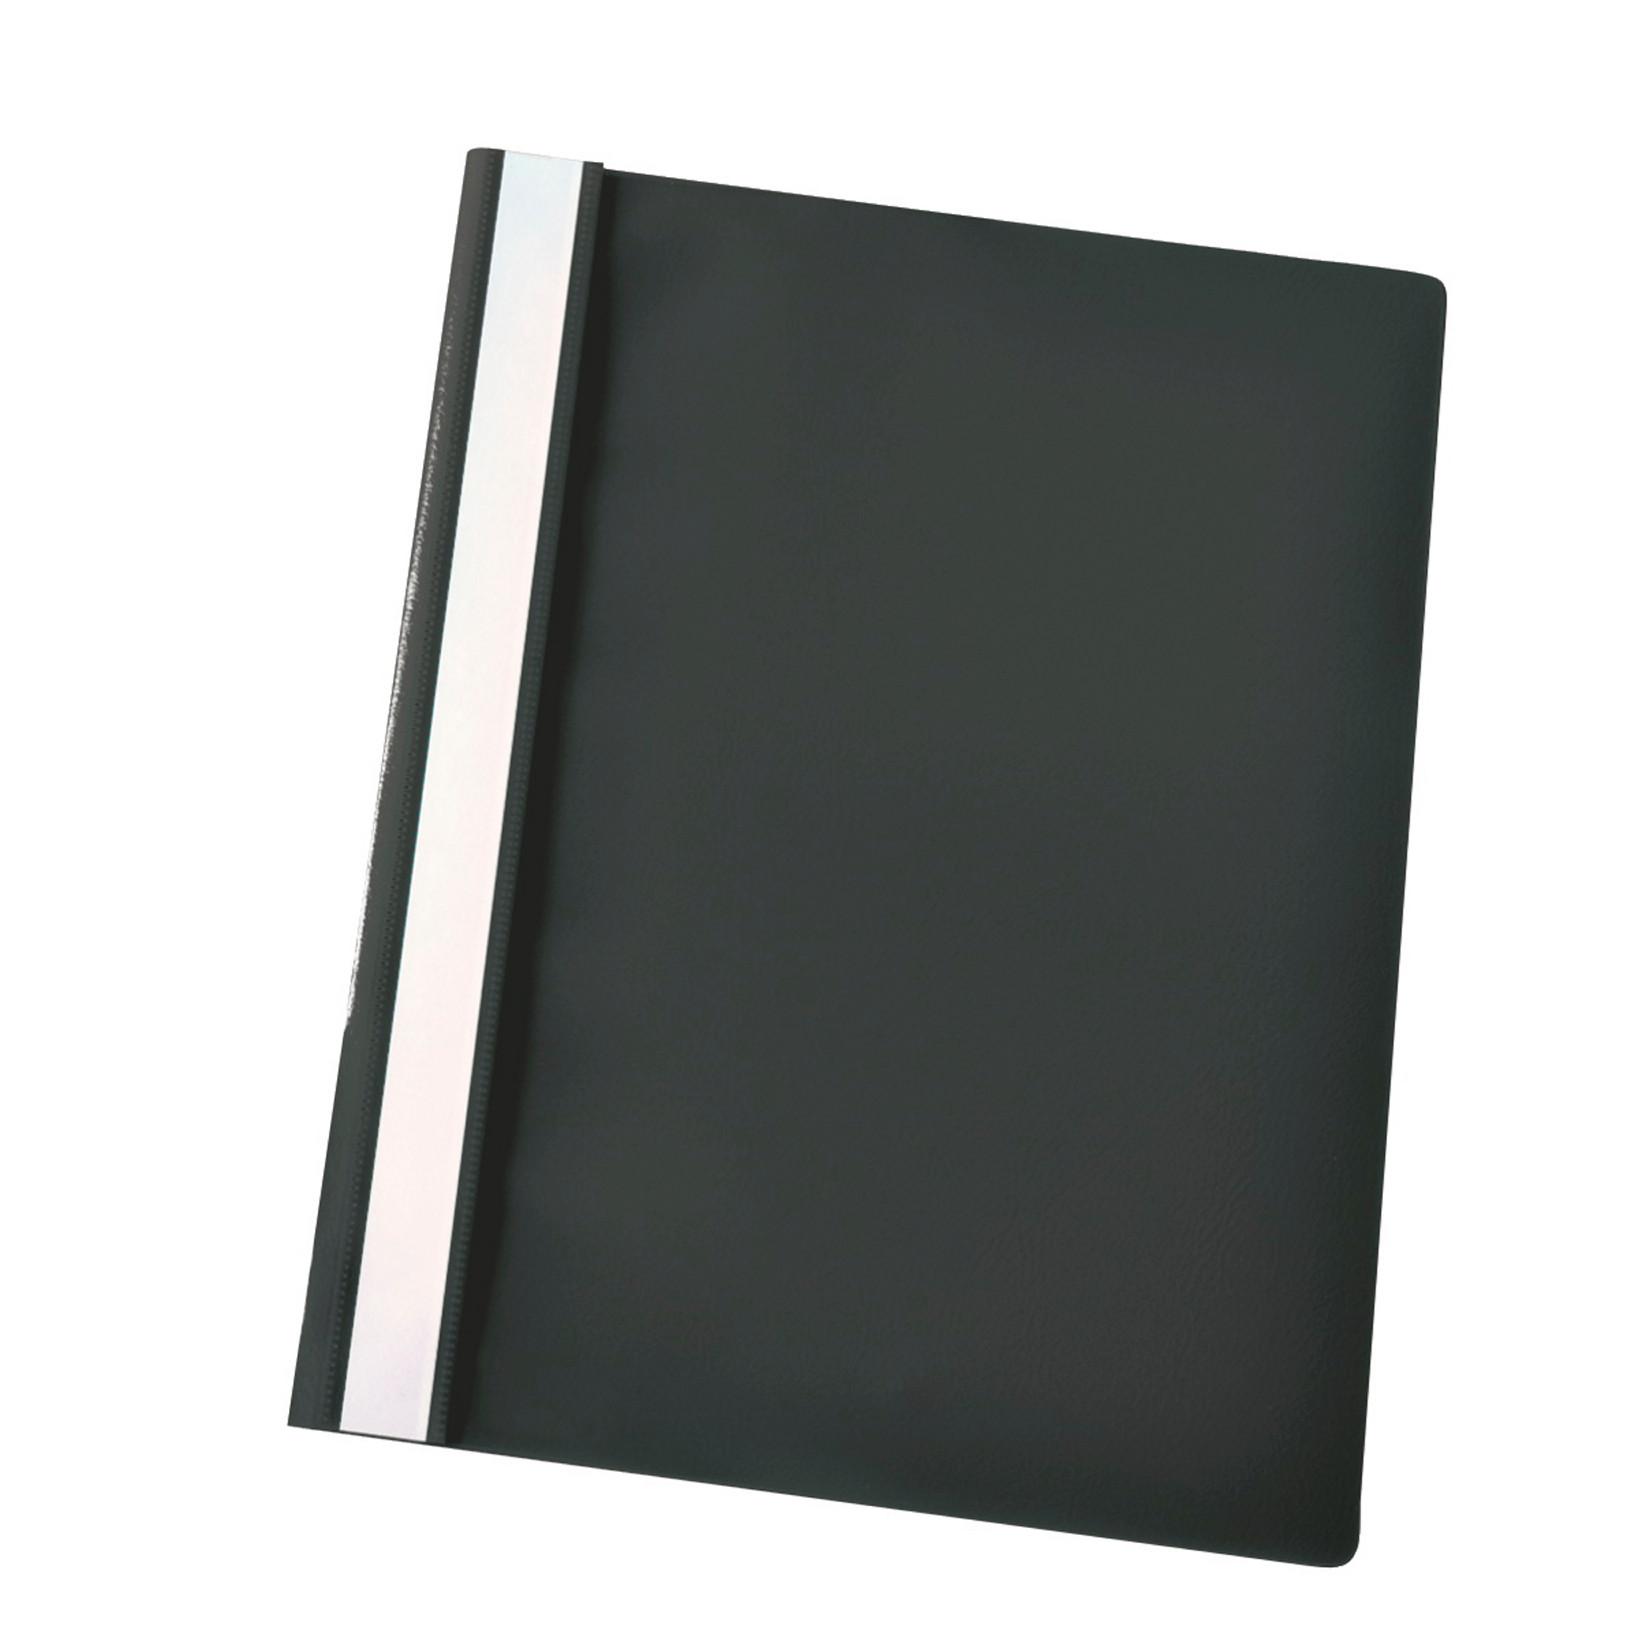 Centra A4 tilbudsmappe med split og overligger - sort med klar forside